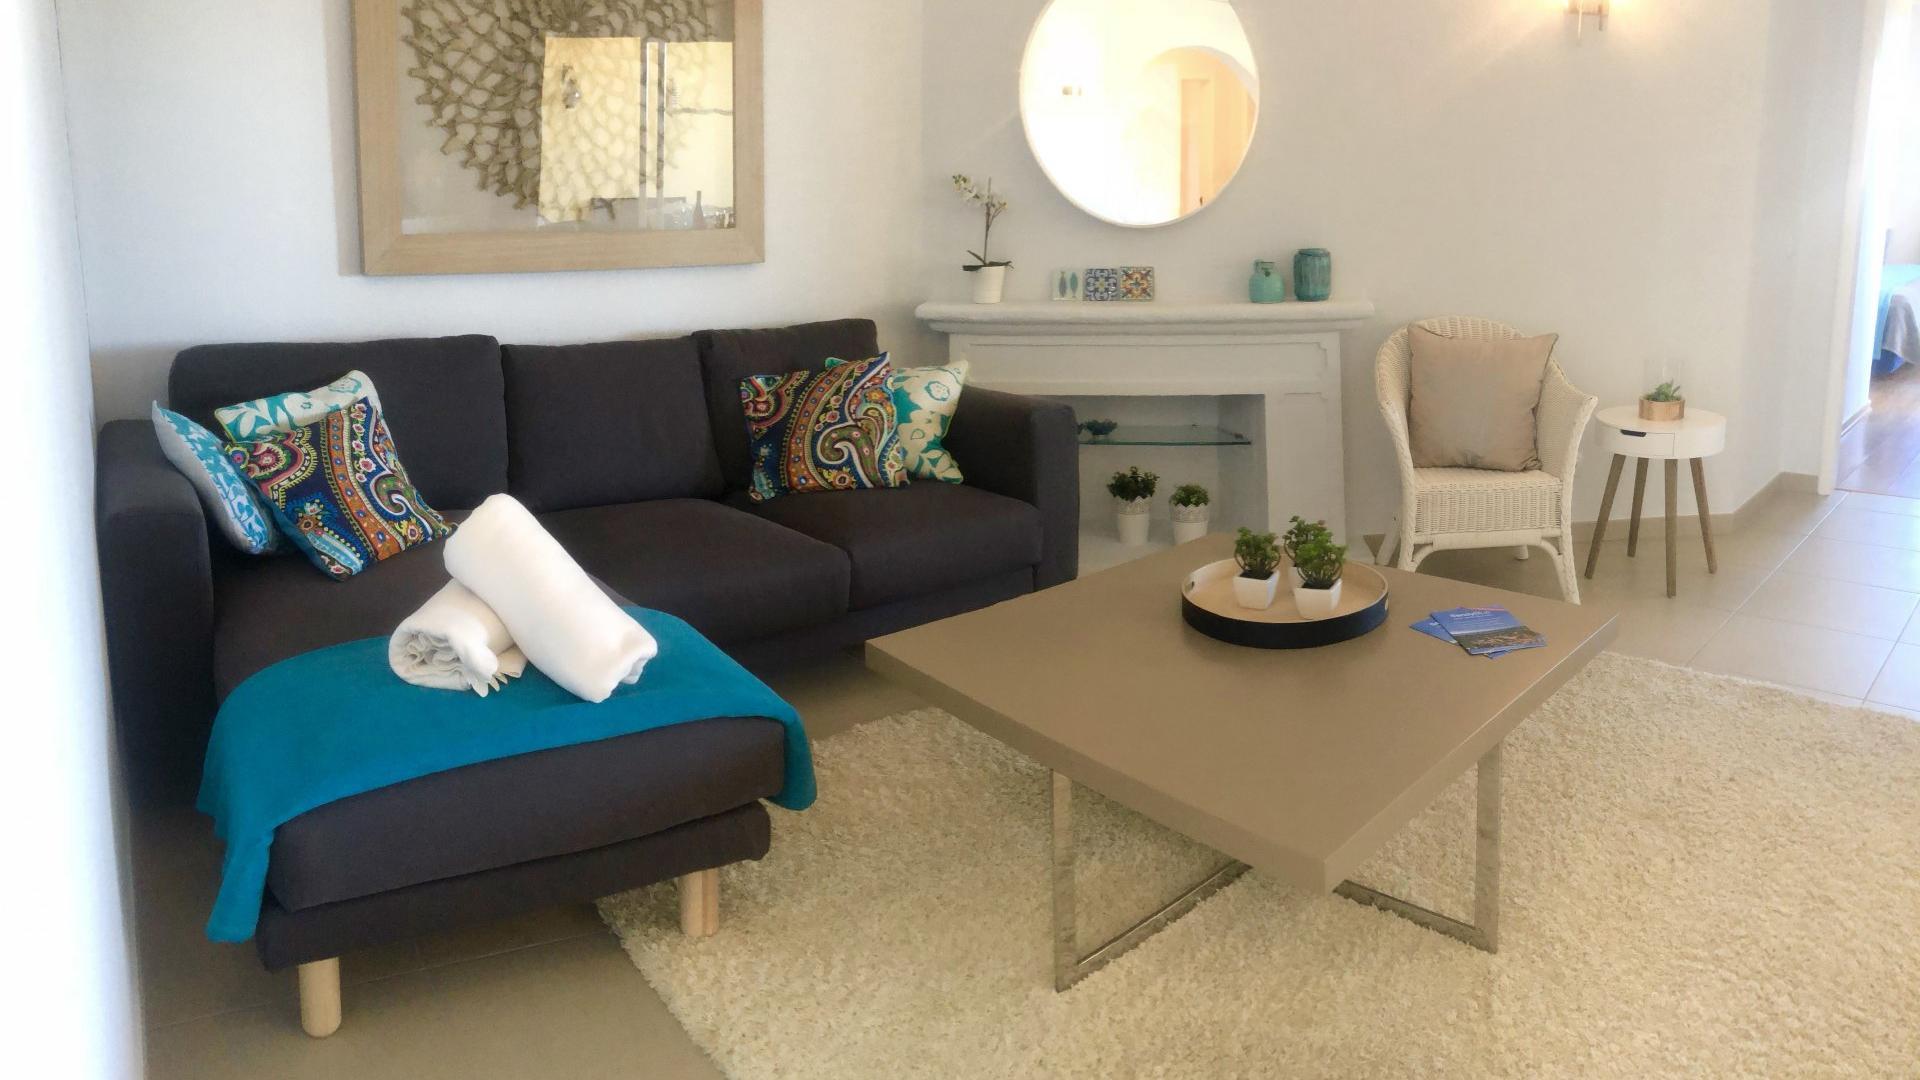 Apartment Bluebell - Jardins do Golfe, Vale do Lobo, Algarve - IMG_1442.jpg